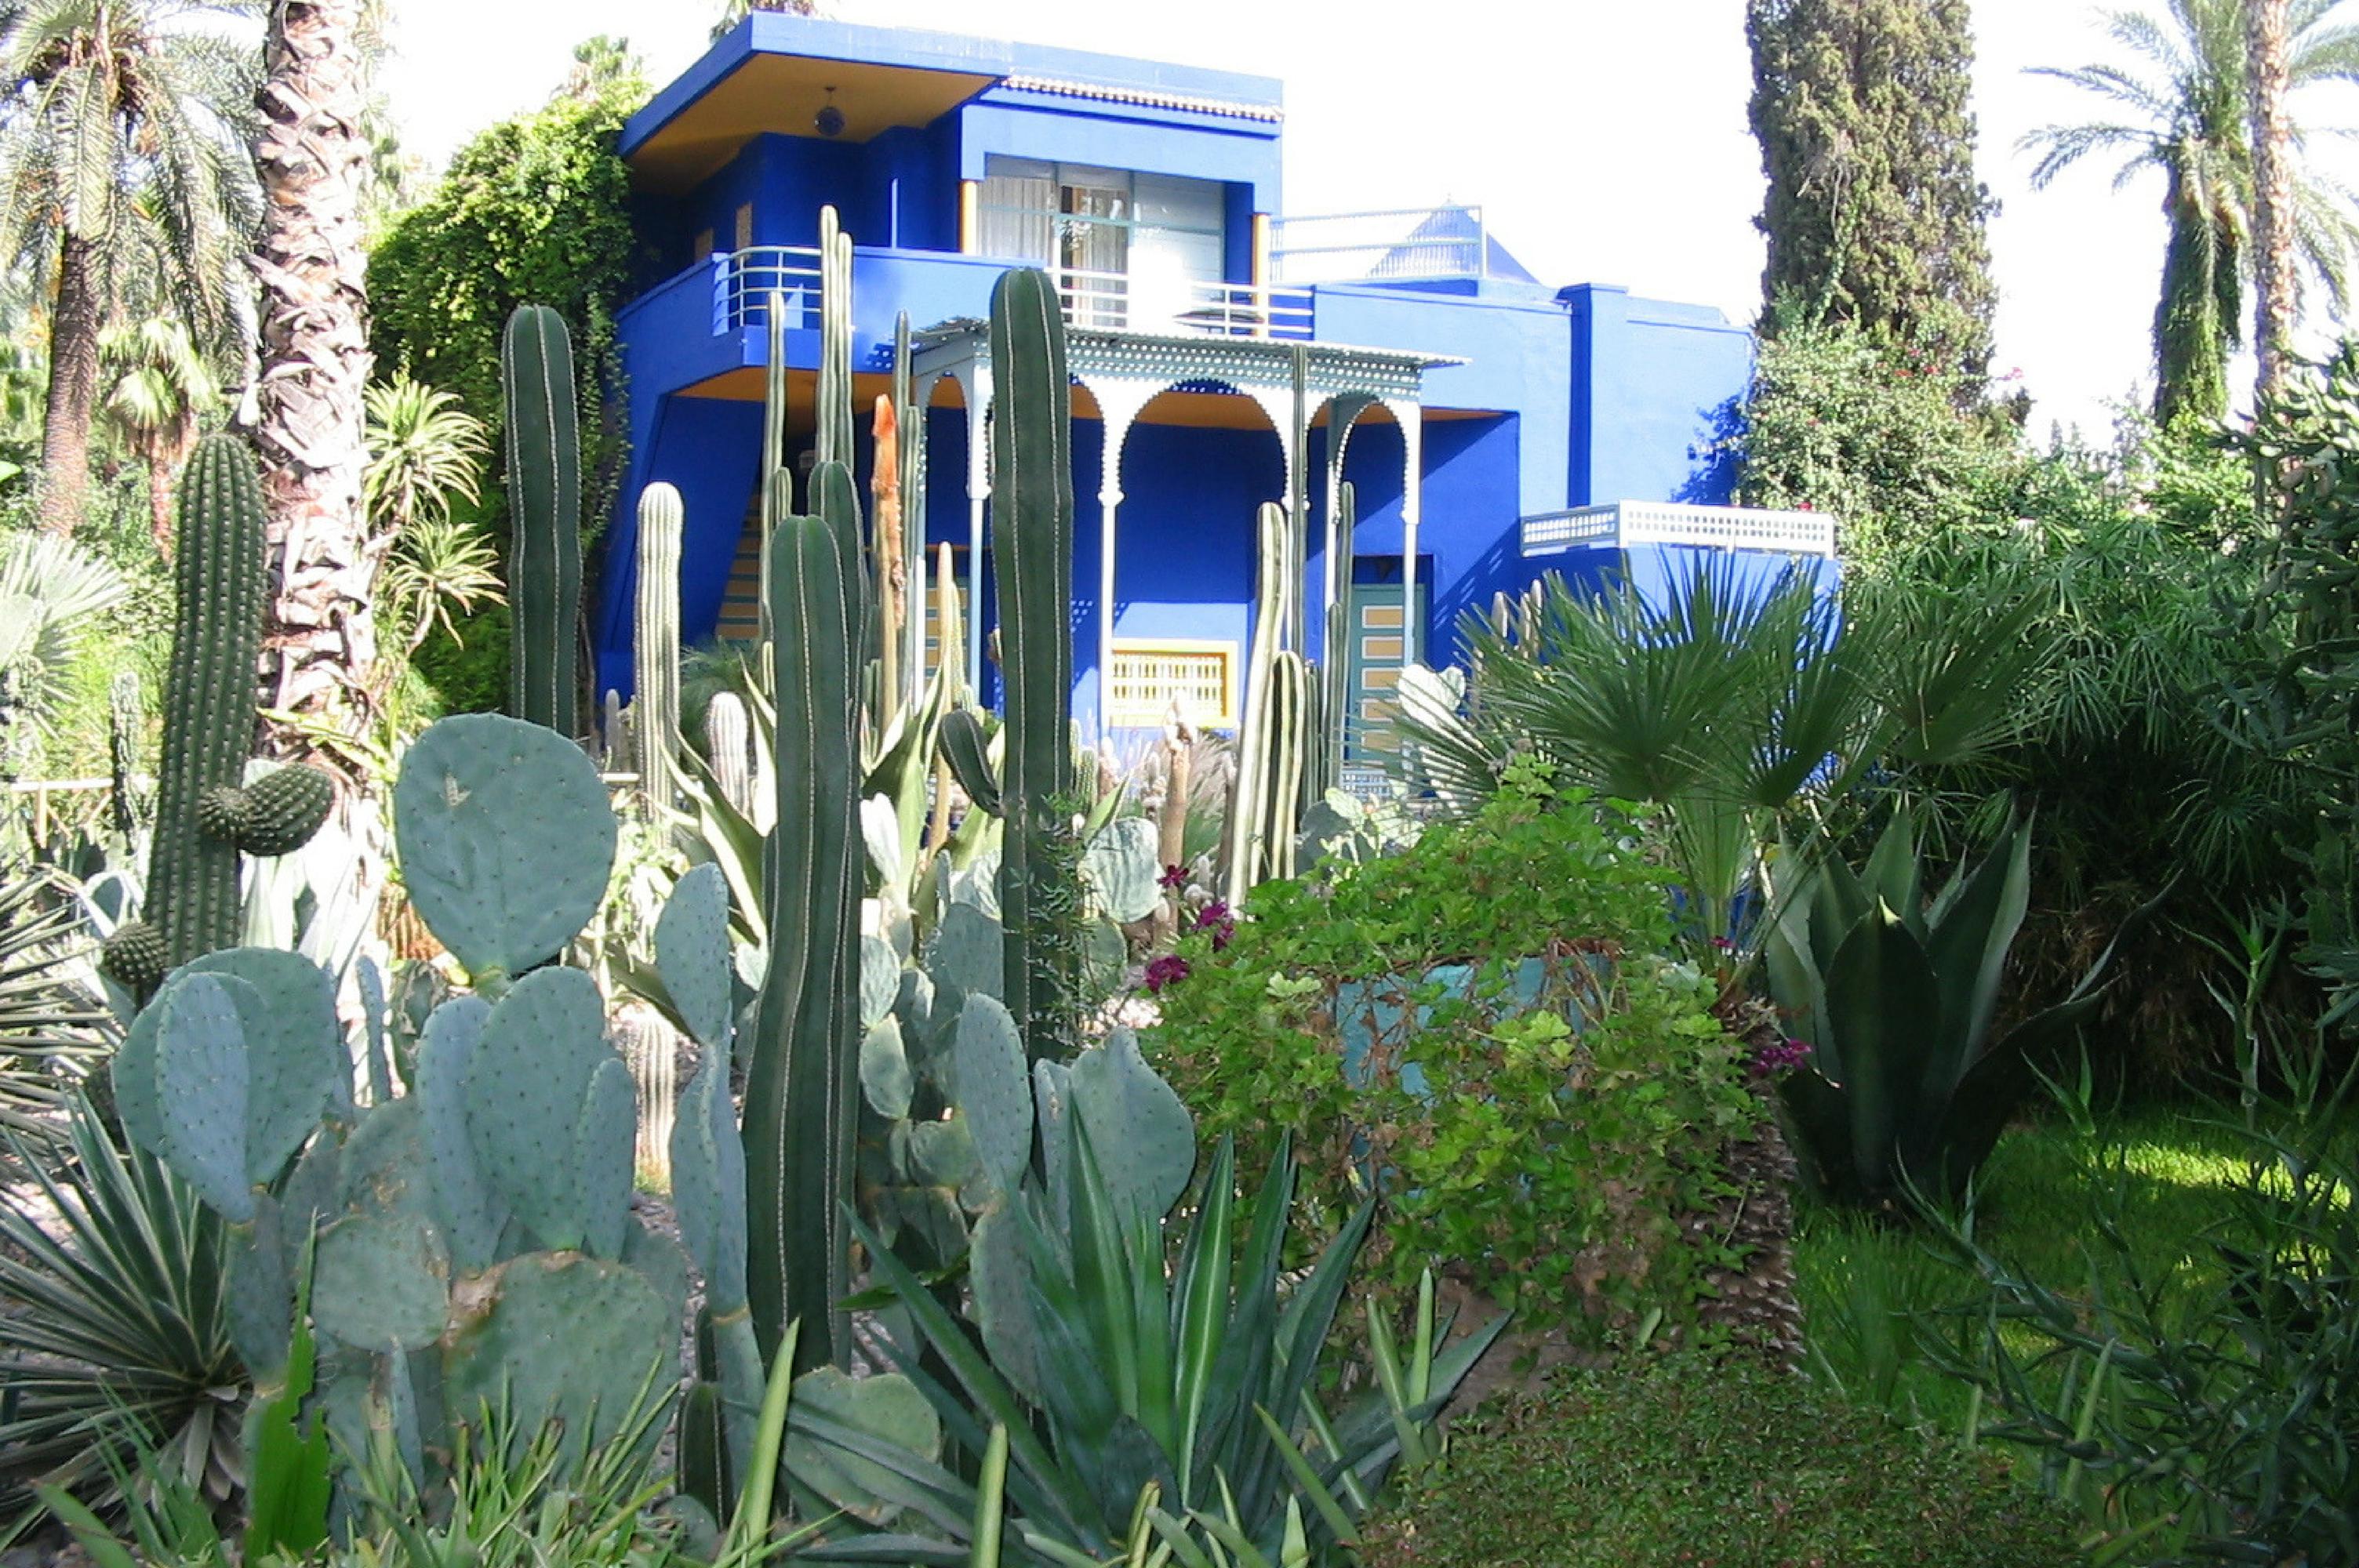 Explore the exotic gardens of Marrakech